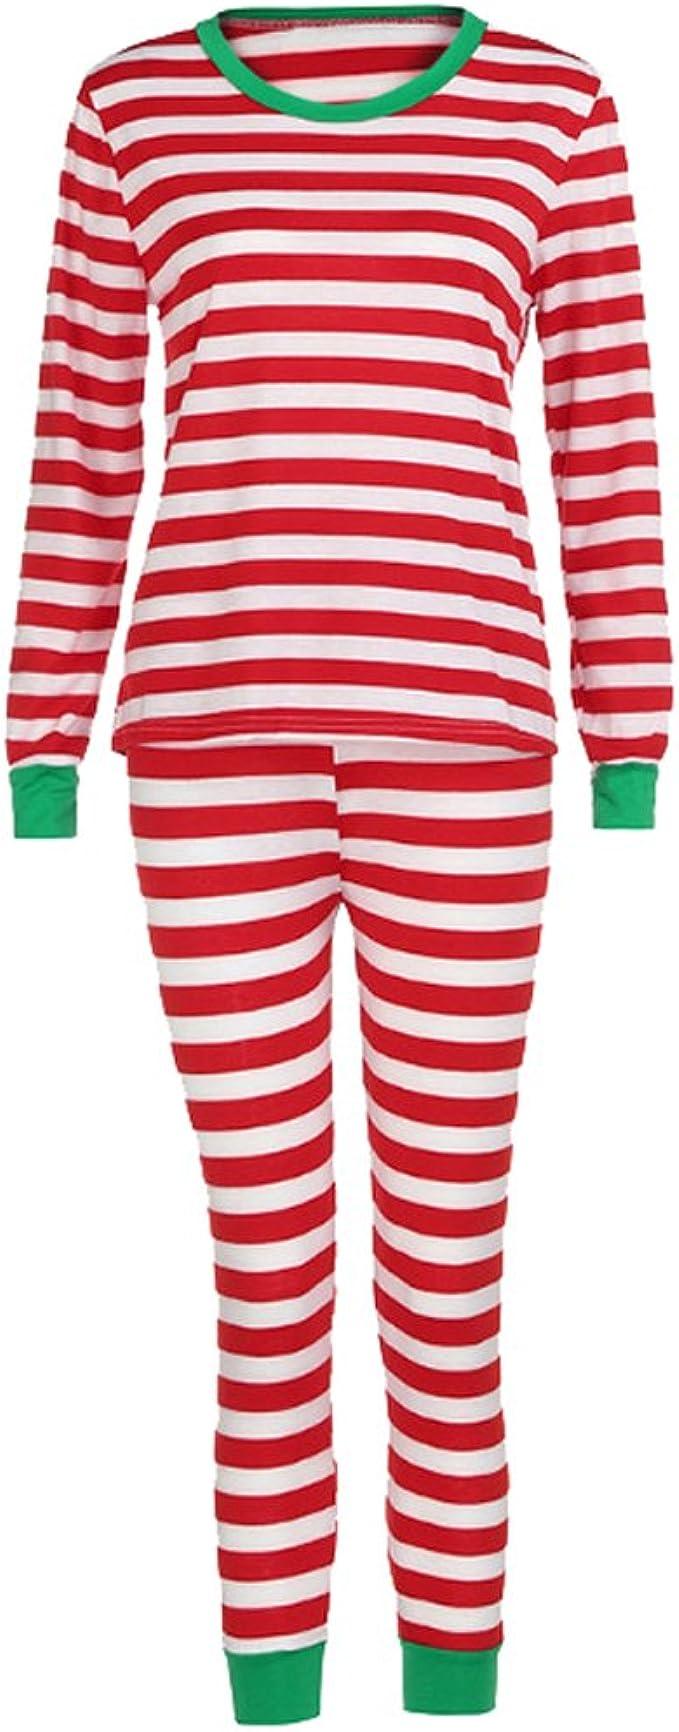 Pijamas de Navidad Familia Pijamas Parejas Navideñas Adultos Pijama Familiares Manga Larga Hombre Mujer Trajes Navideños para Mujeres Ropa de Noche ...